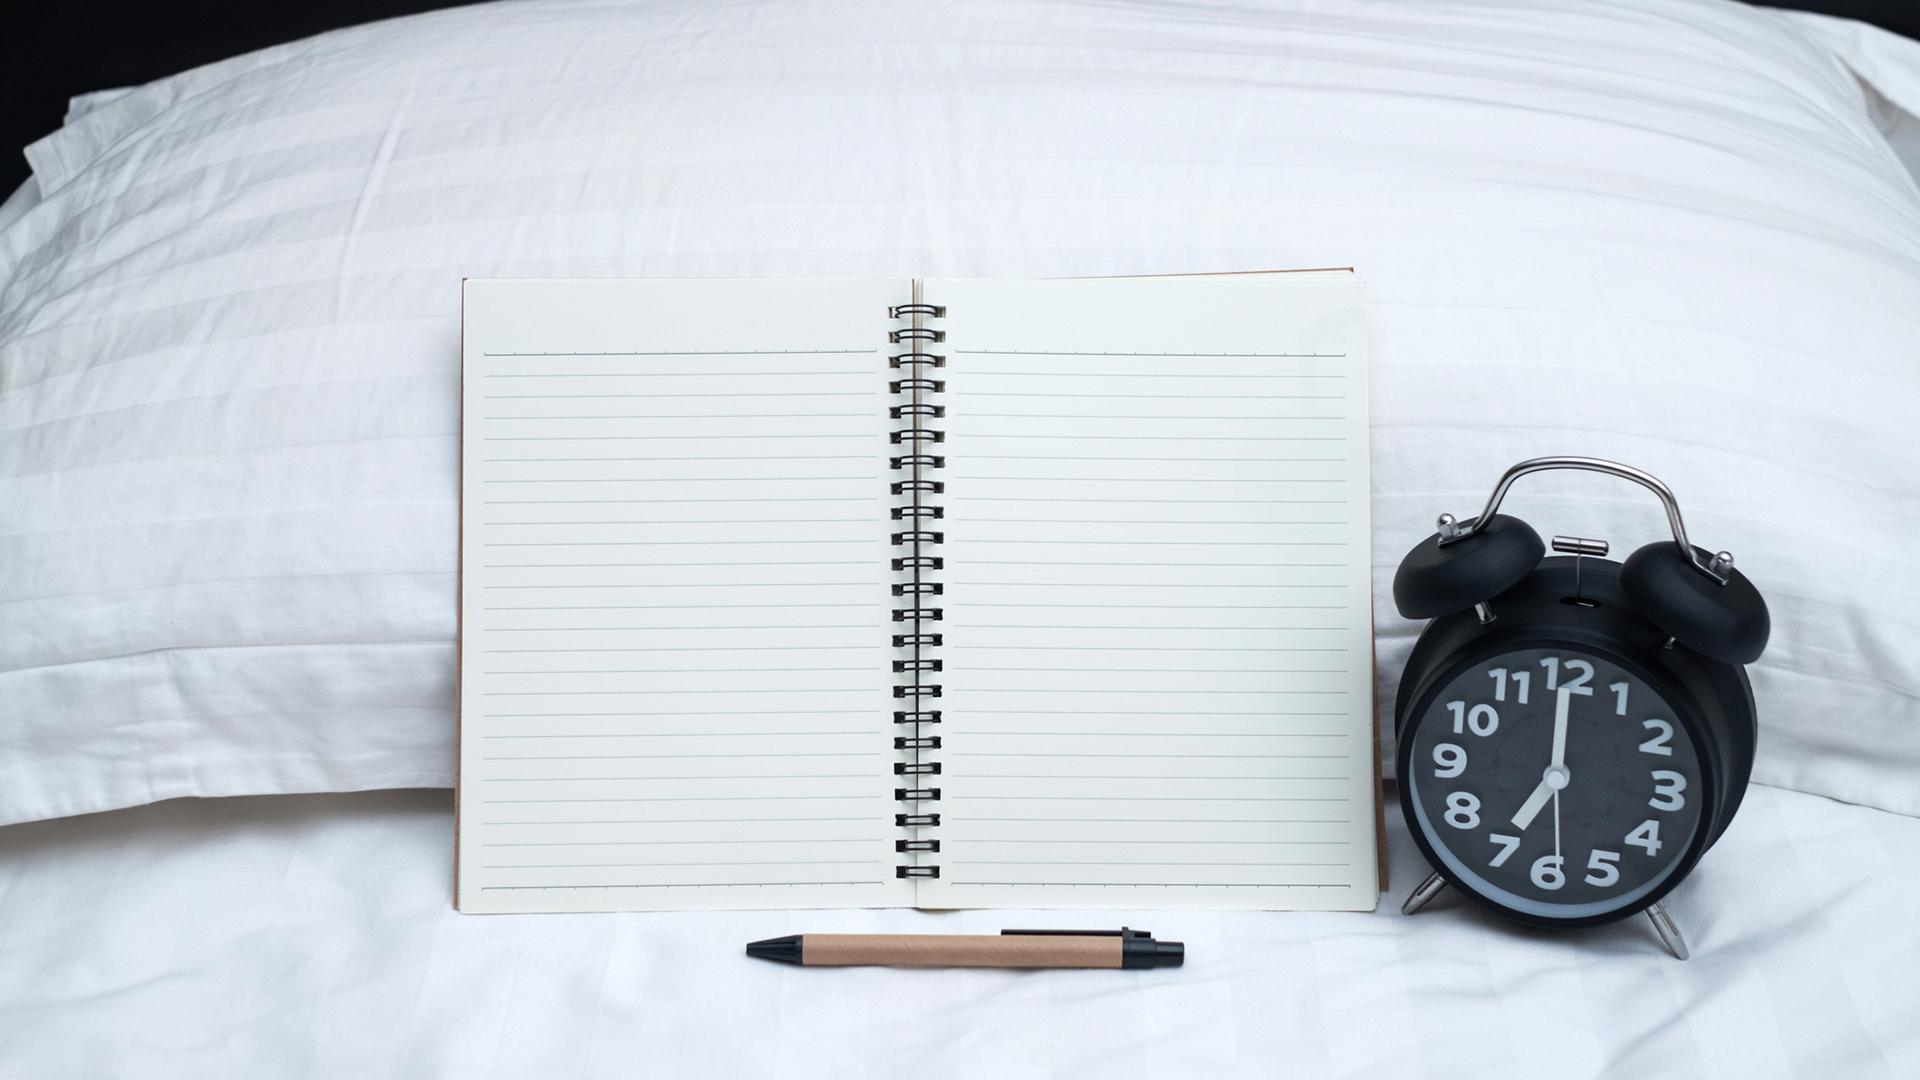 Univaikeudet ovat riesa monelle. Kysyimme neuvoja parempiin uniin unilääkäriltä.